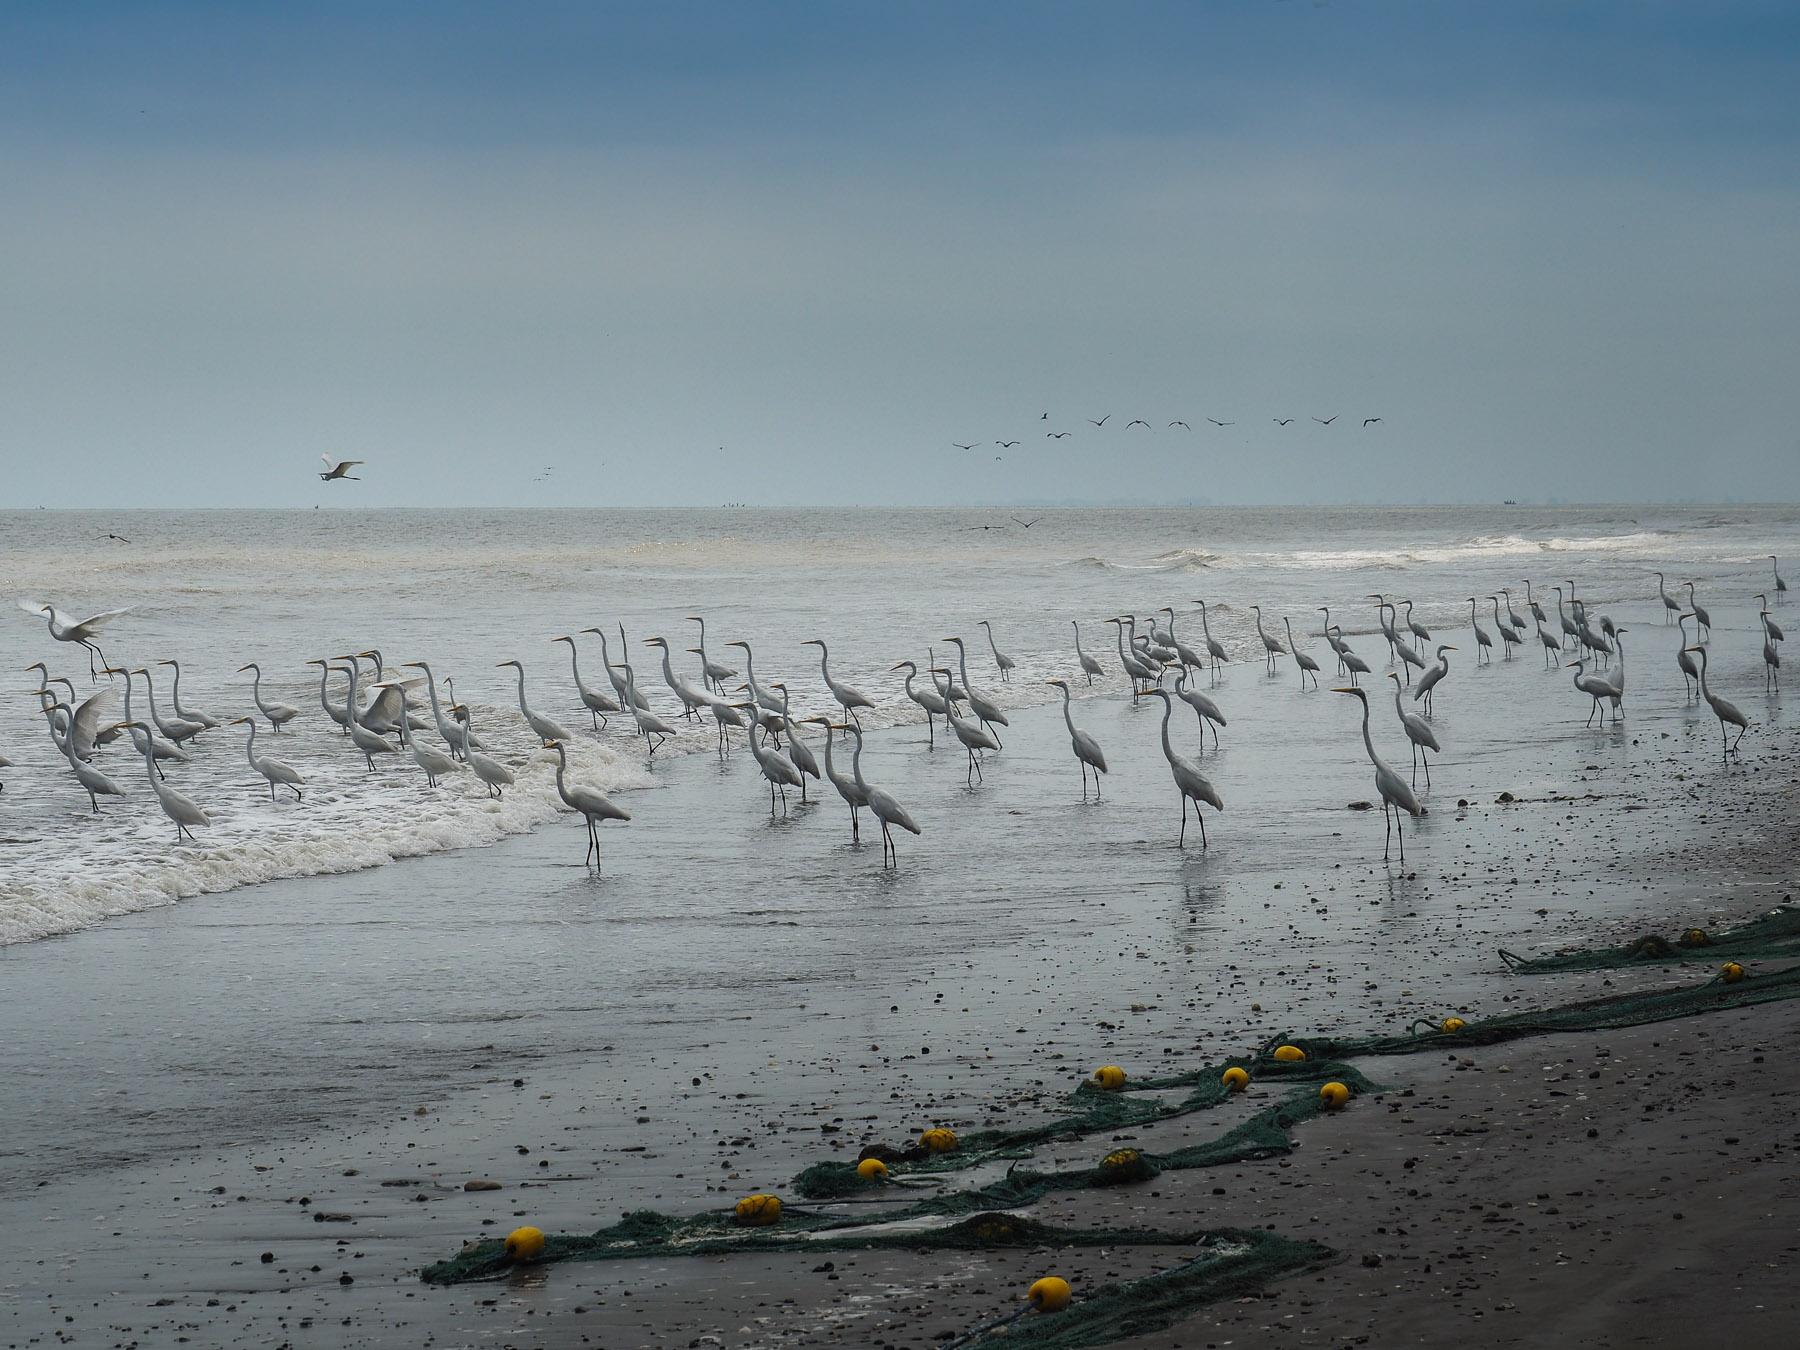 Das Aufgebot an Seevögeln, die auf ihren Anteil vom Fischfang warten, ist beeindruckend